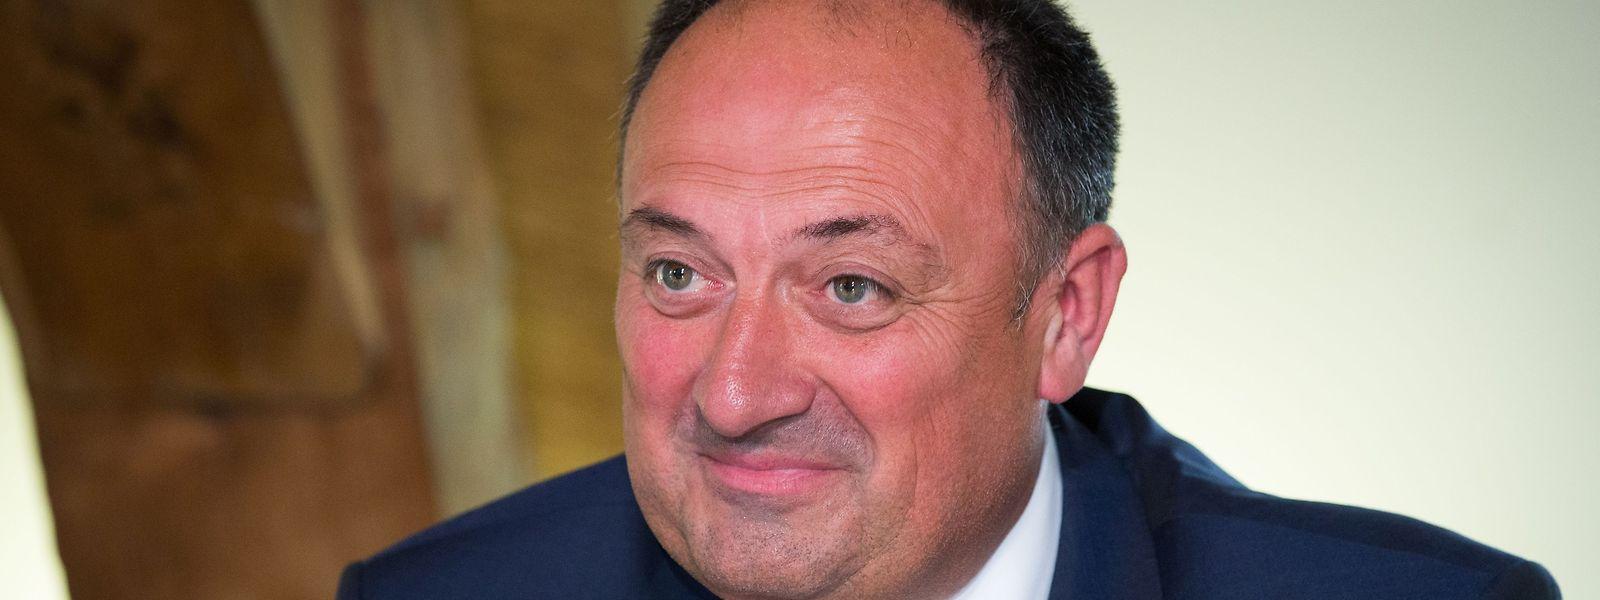 Willy Borsus se félicite du «télétravail quasi généralisé chez les travailleurs frontaliers luxembourgeois»